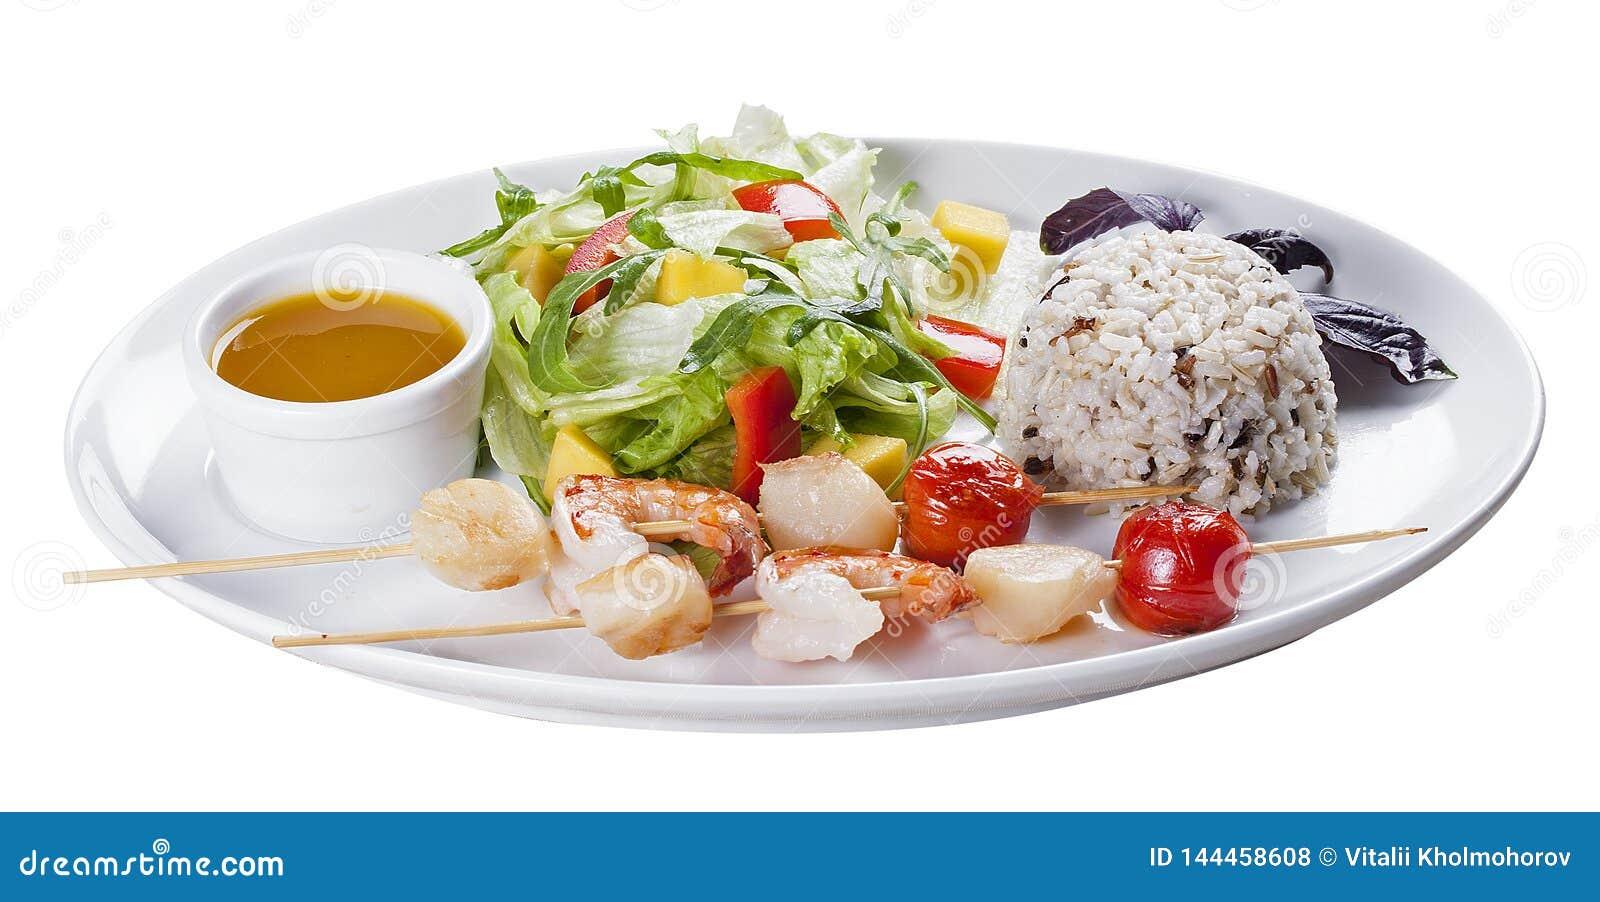 海鲜用米和菜